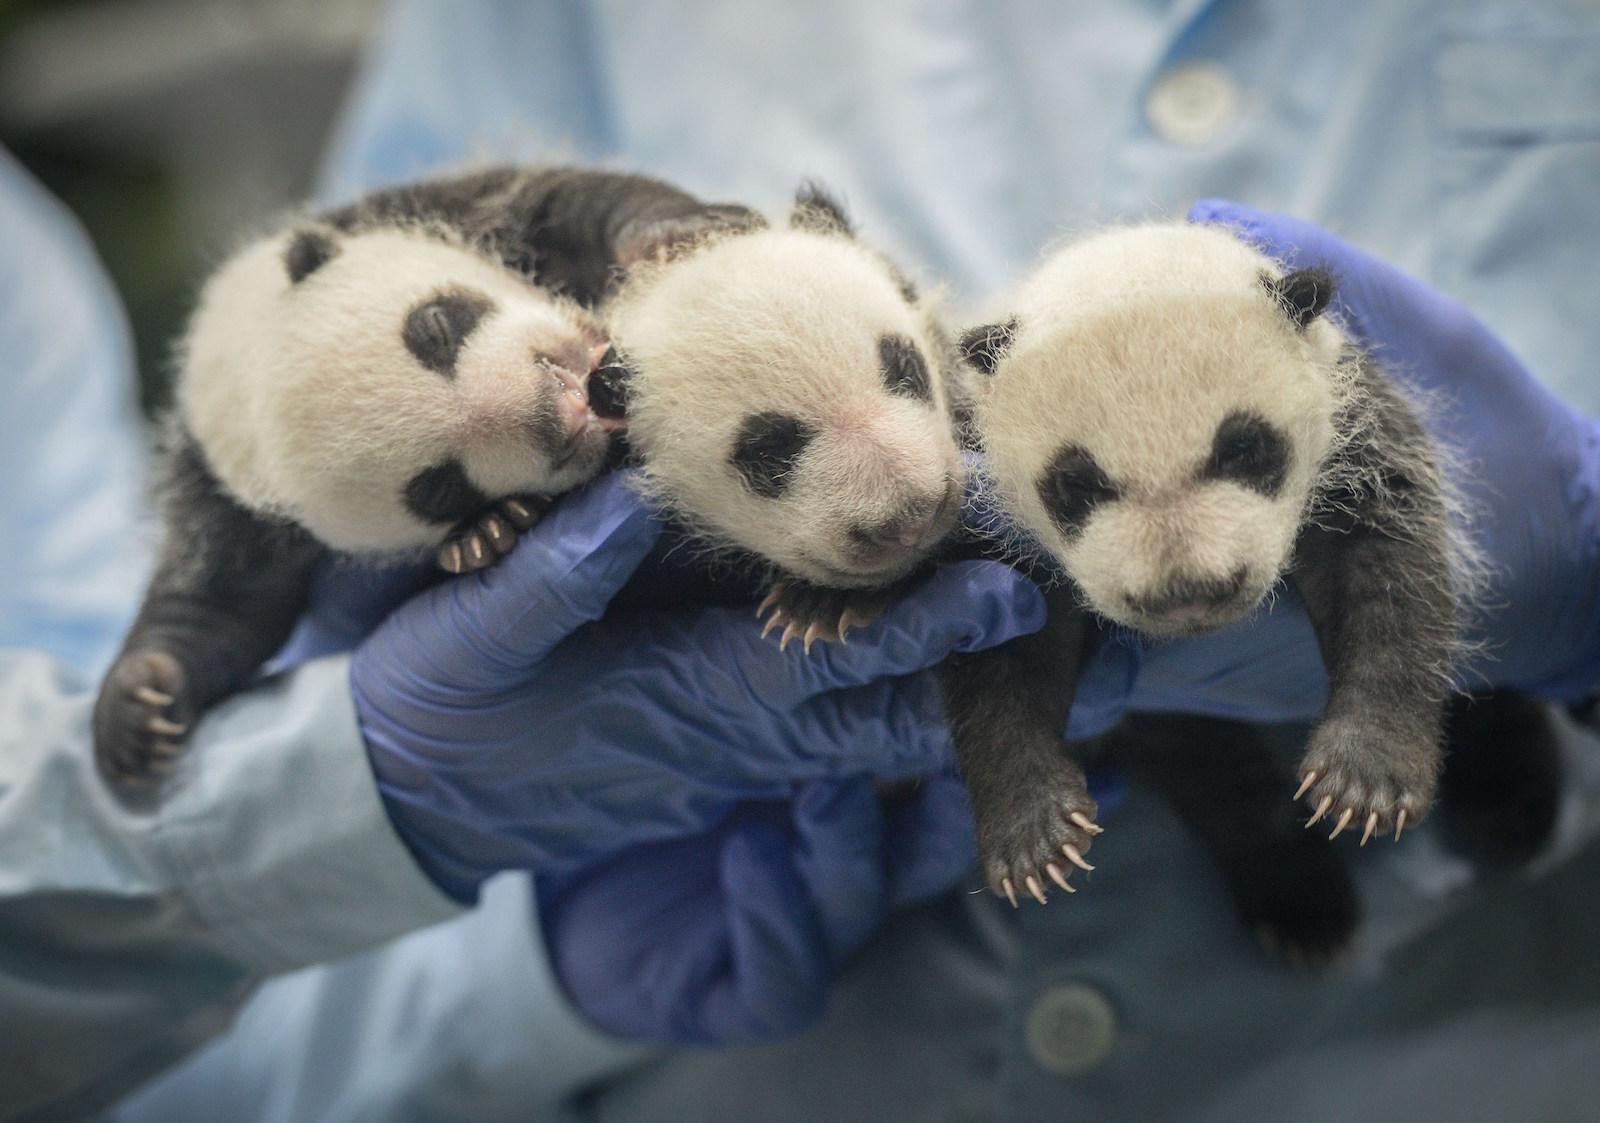 Baby Pandas 10